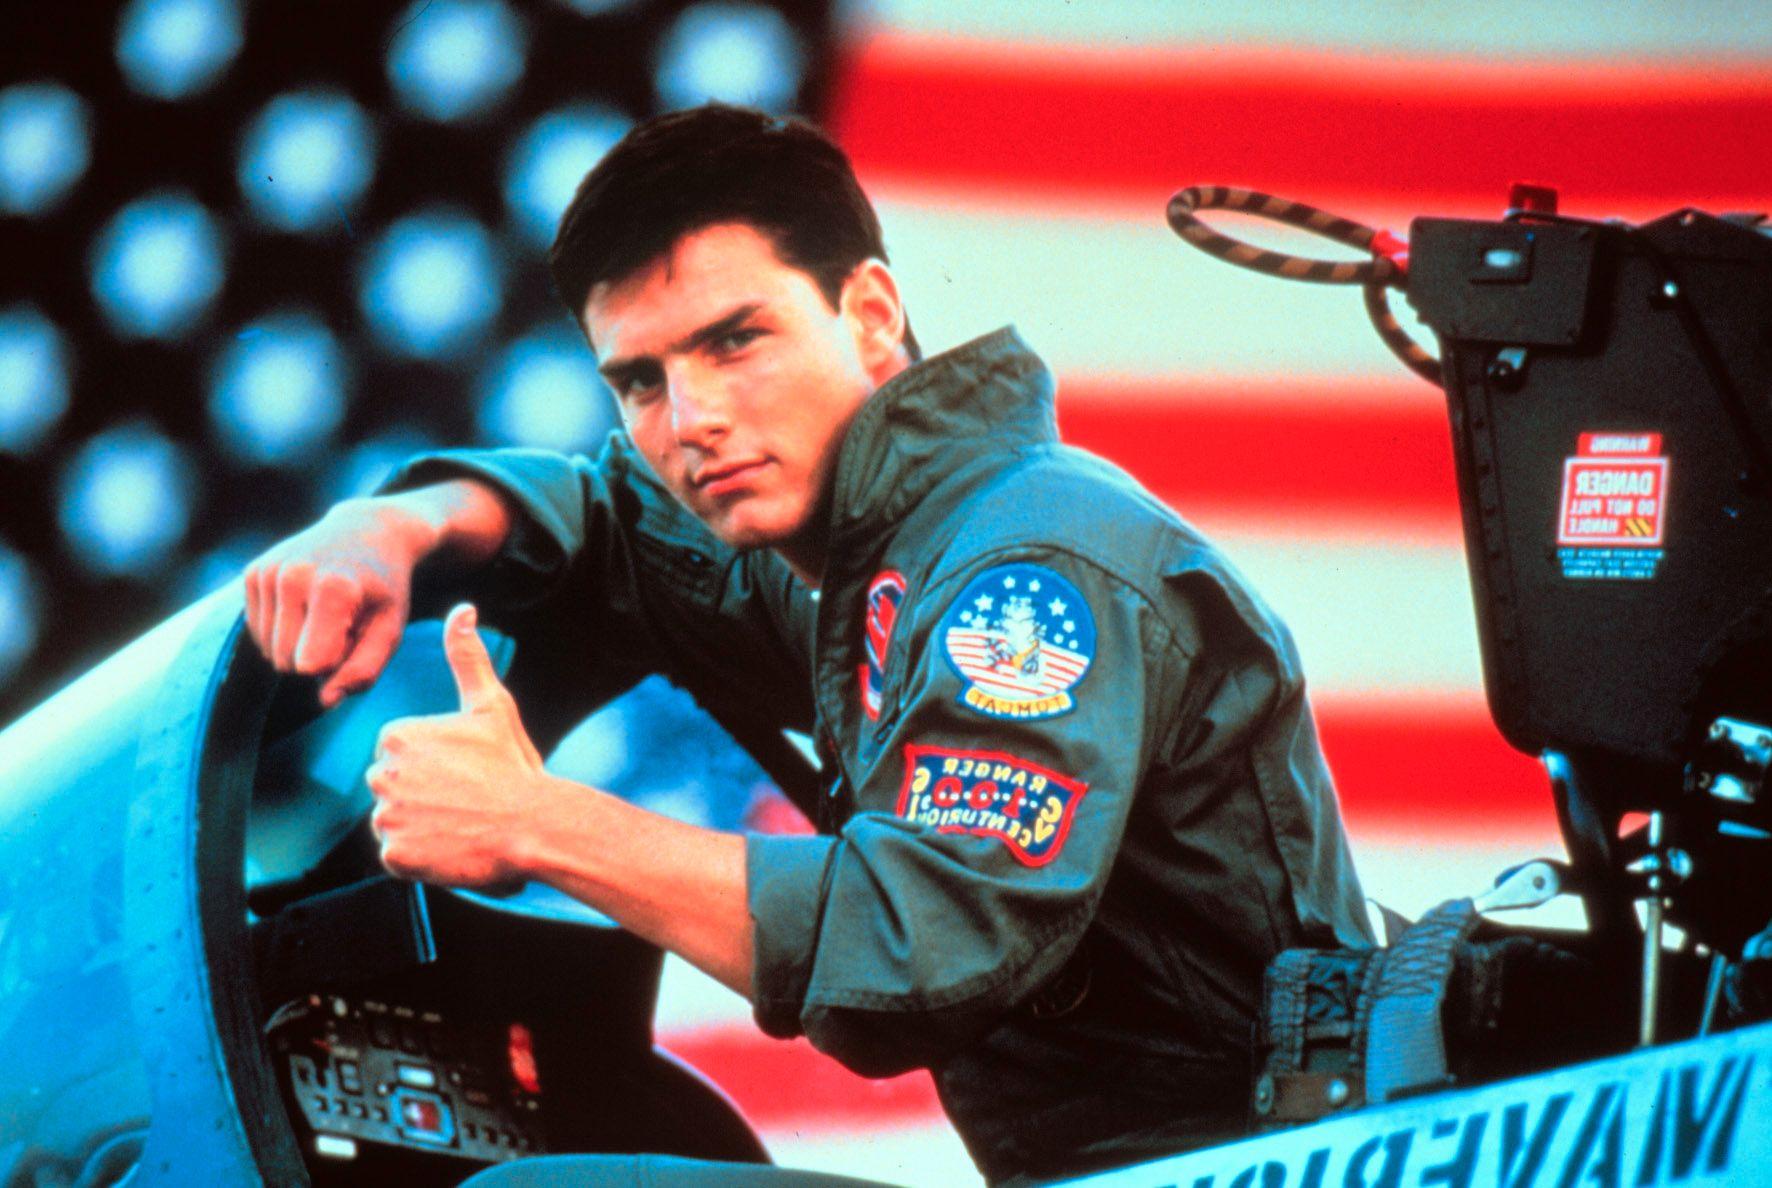 TILBAKE I LUFTA: Tom Cruise er i gang med innspillingen av «Top Gun: Maverick». Her et bilde fra den opprinnelige filmen, som ble utgitt i 1986.